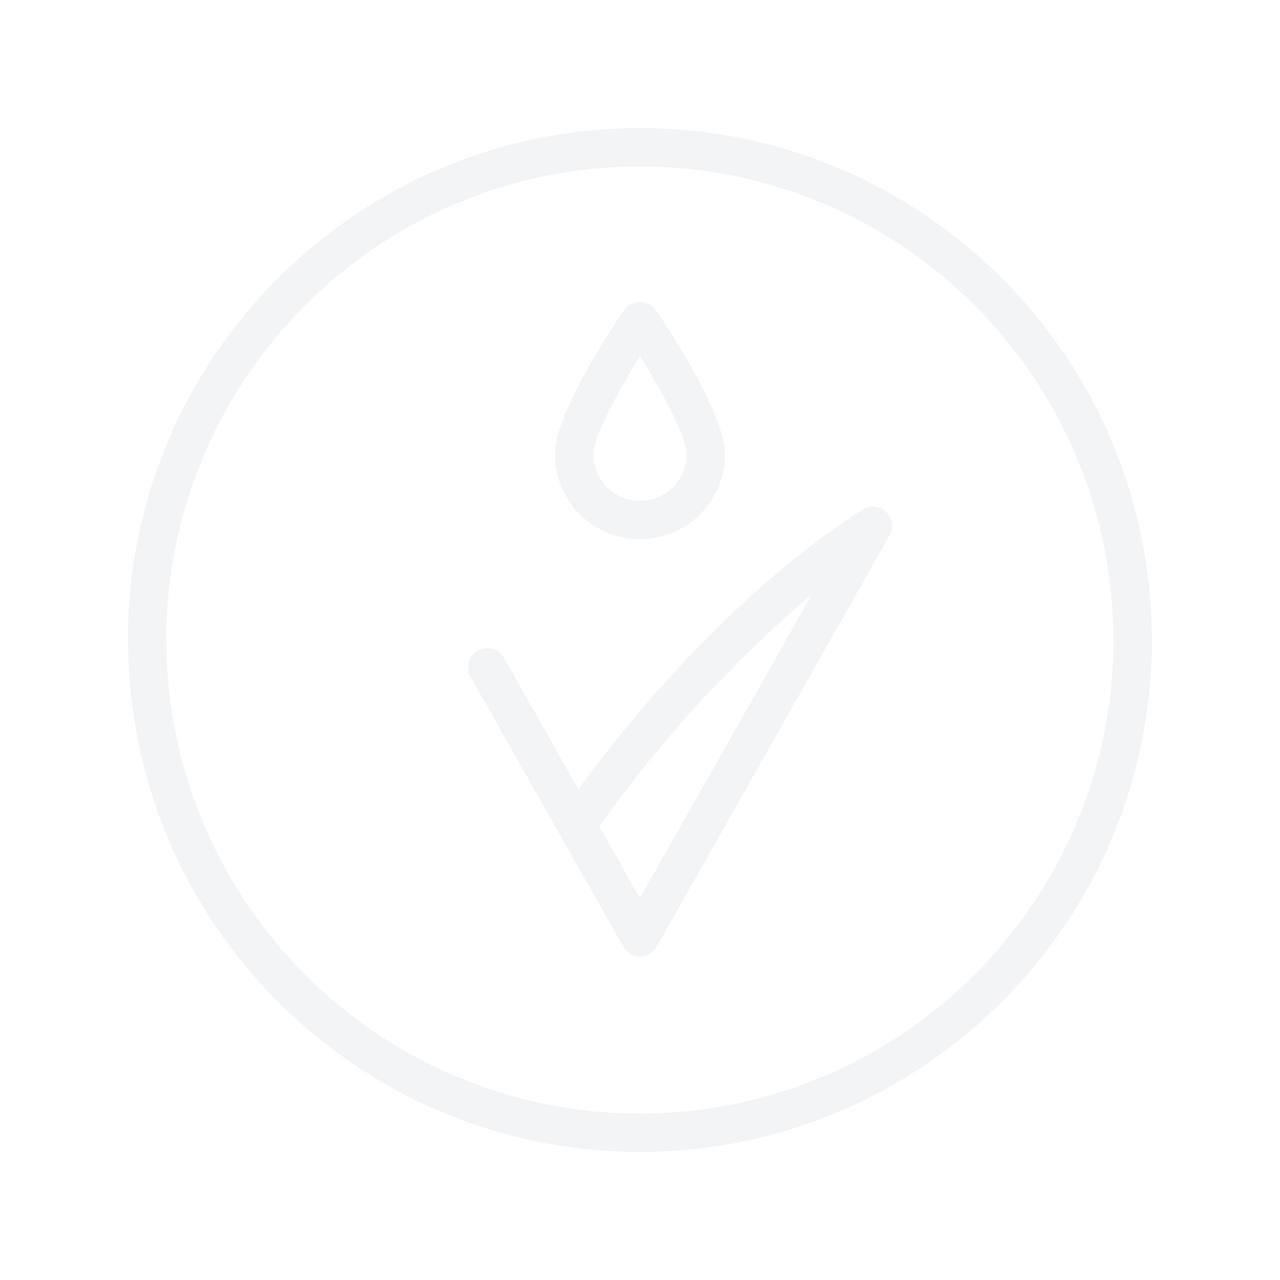 ARTDECO Gel Cream For Brows No.18 Walnut 5g